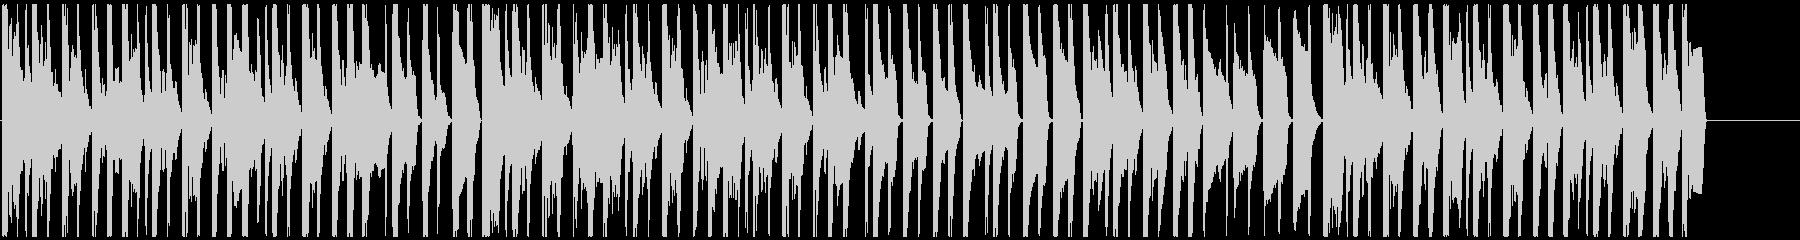 スイングミュージックとハウスビート...の未再生の波形